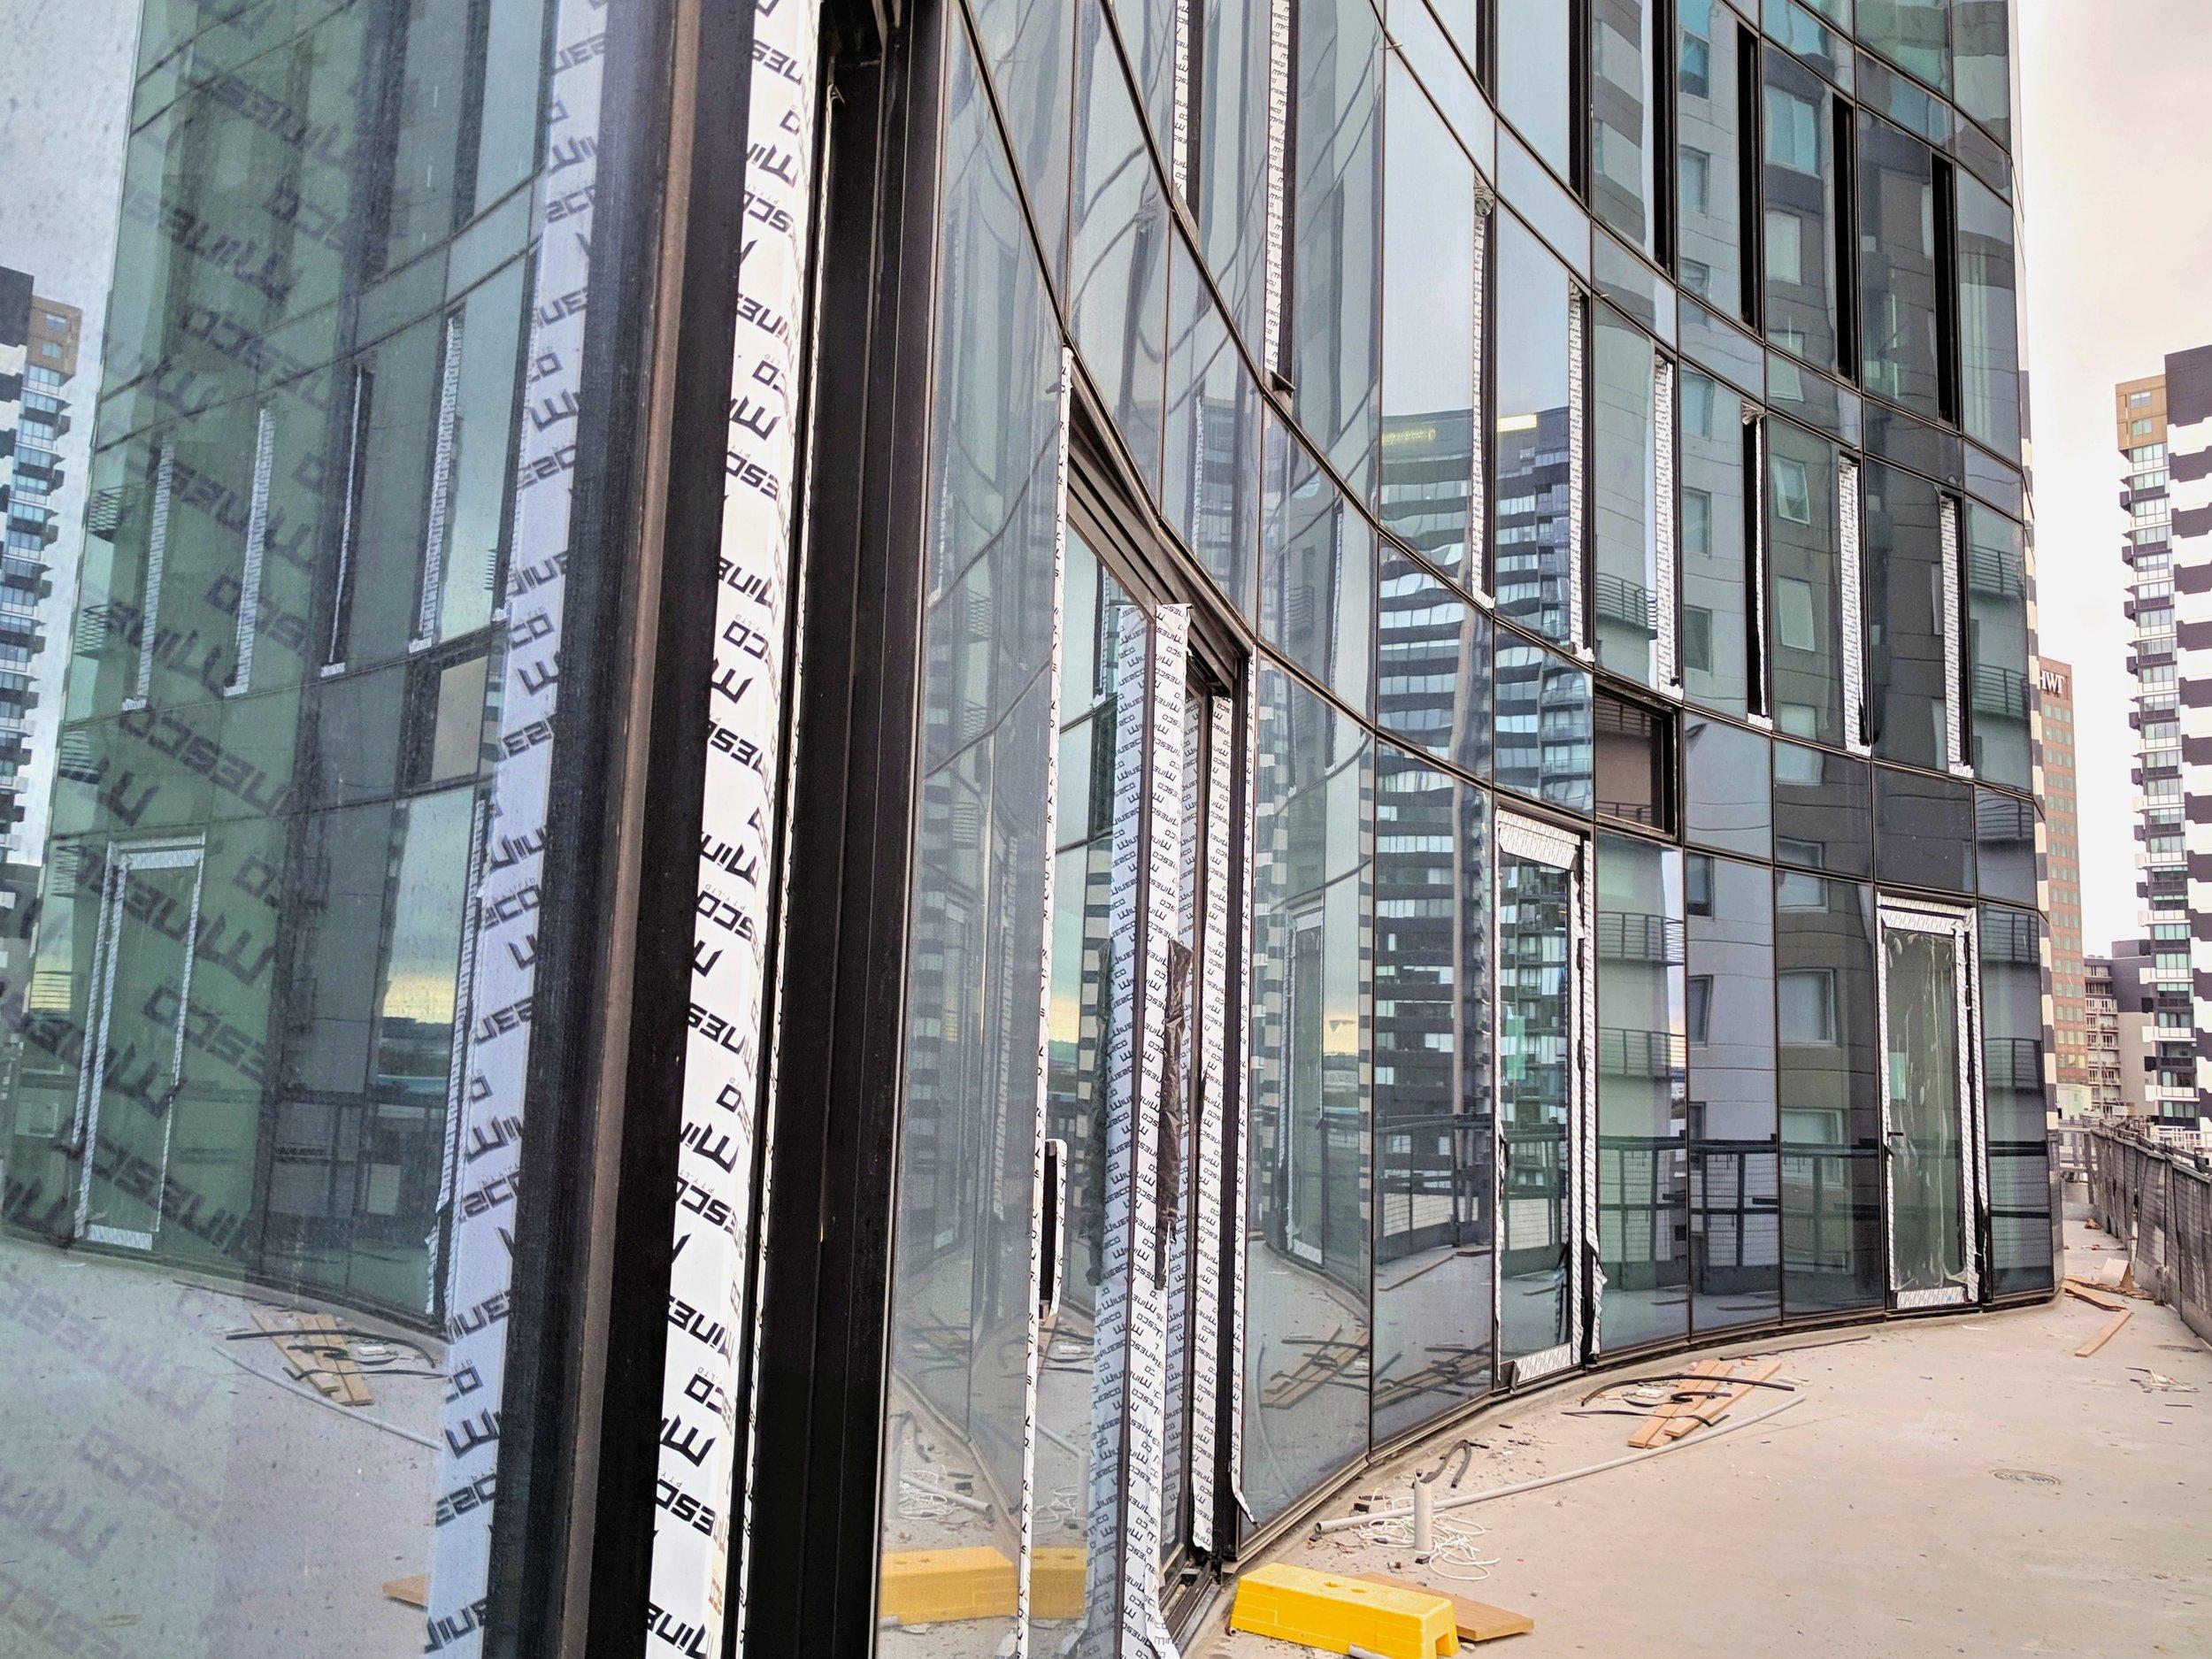 Australia 108 20180329 facade 01.jpg